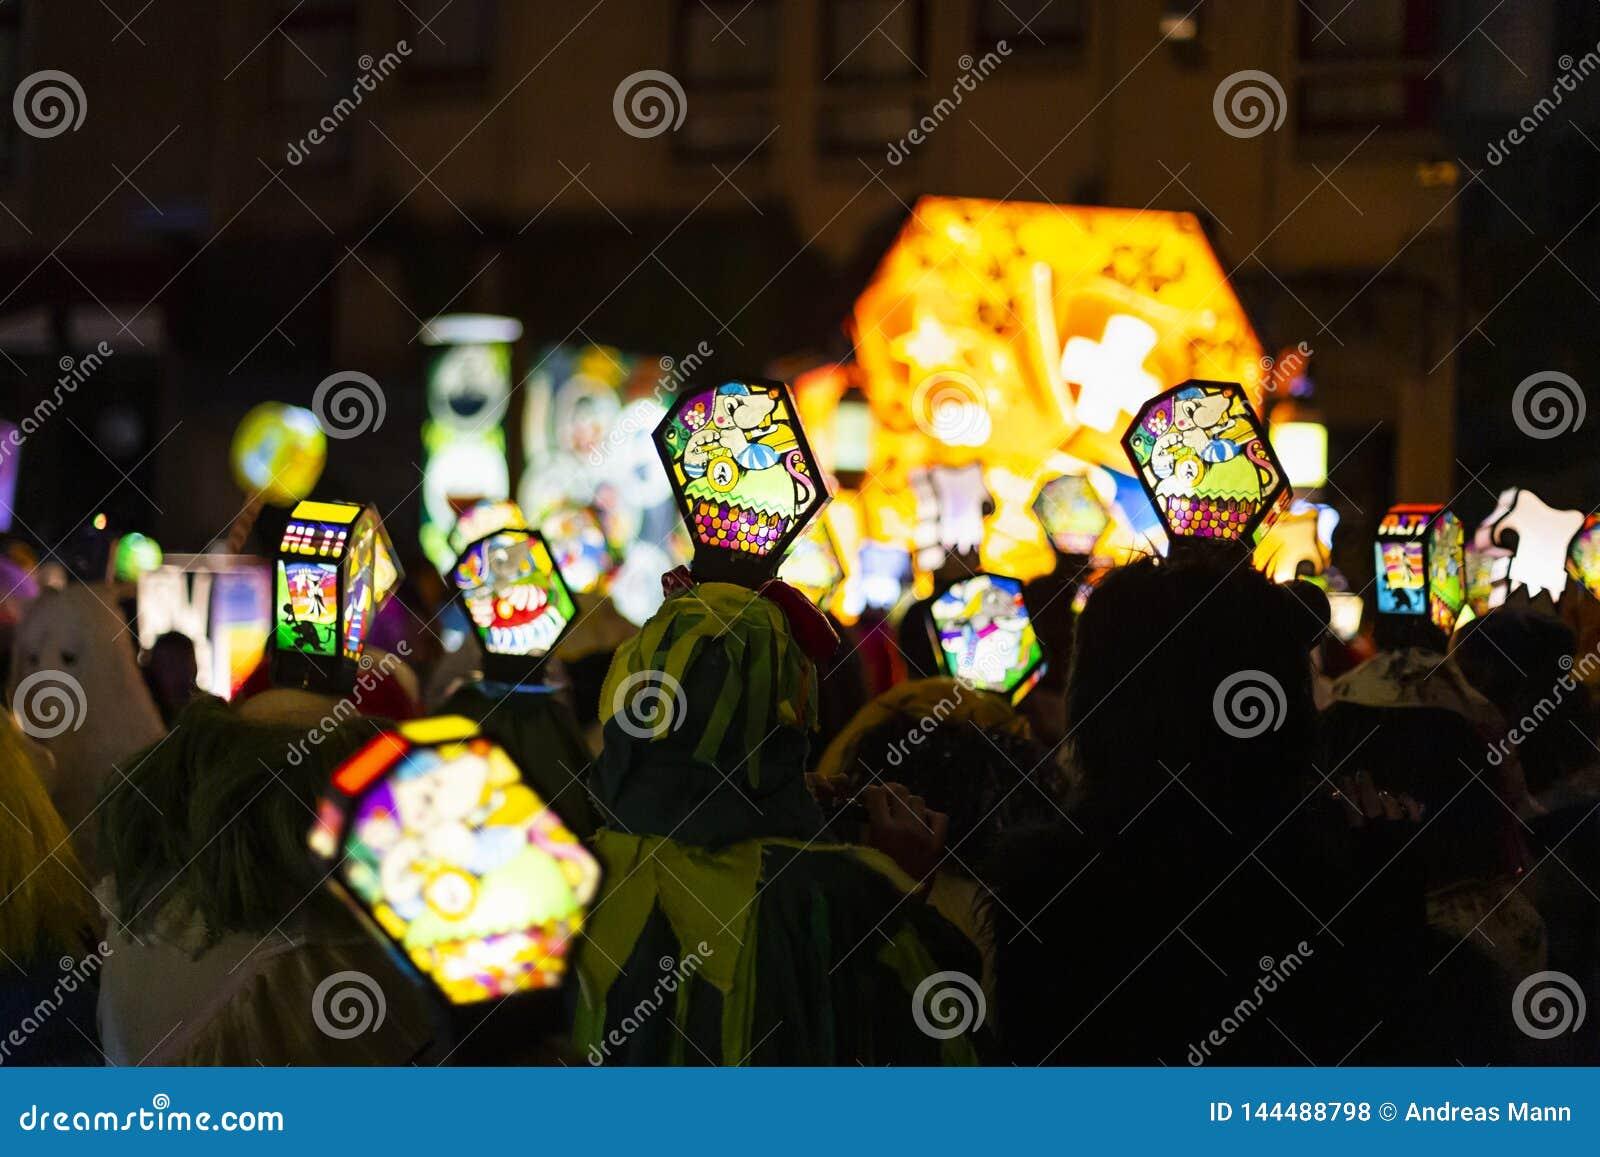 Morgestraichparade van Bazel Carnaval 2019